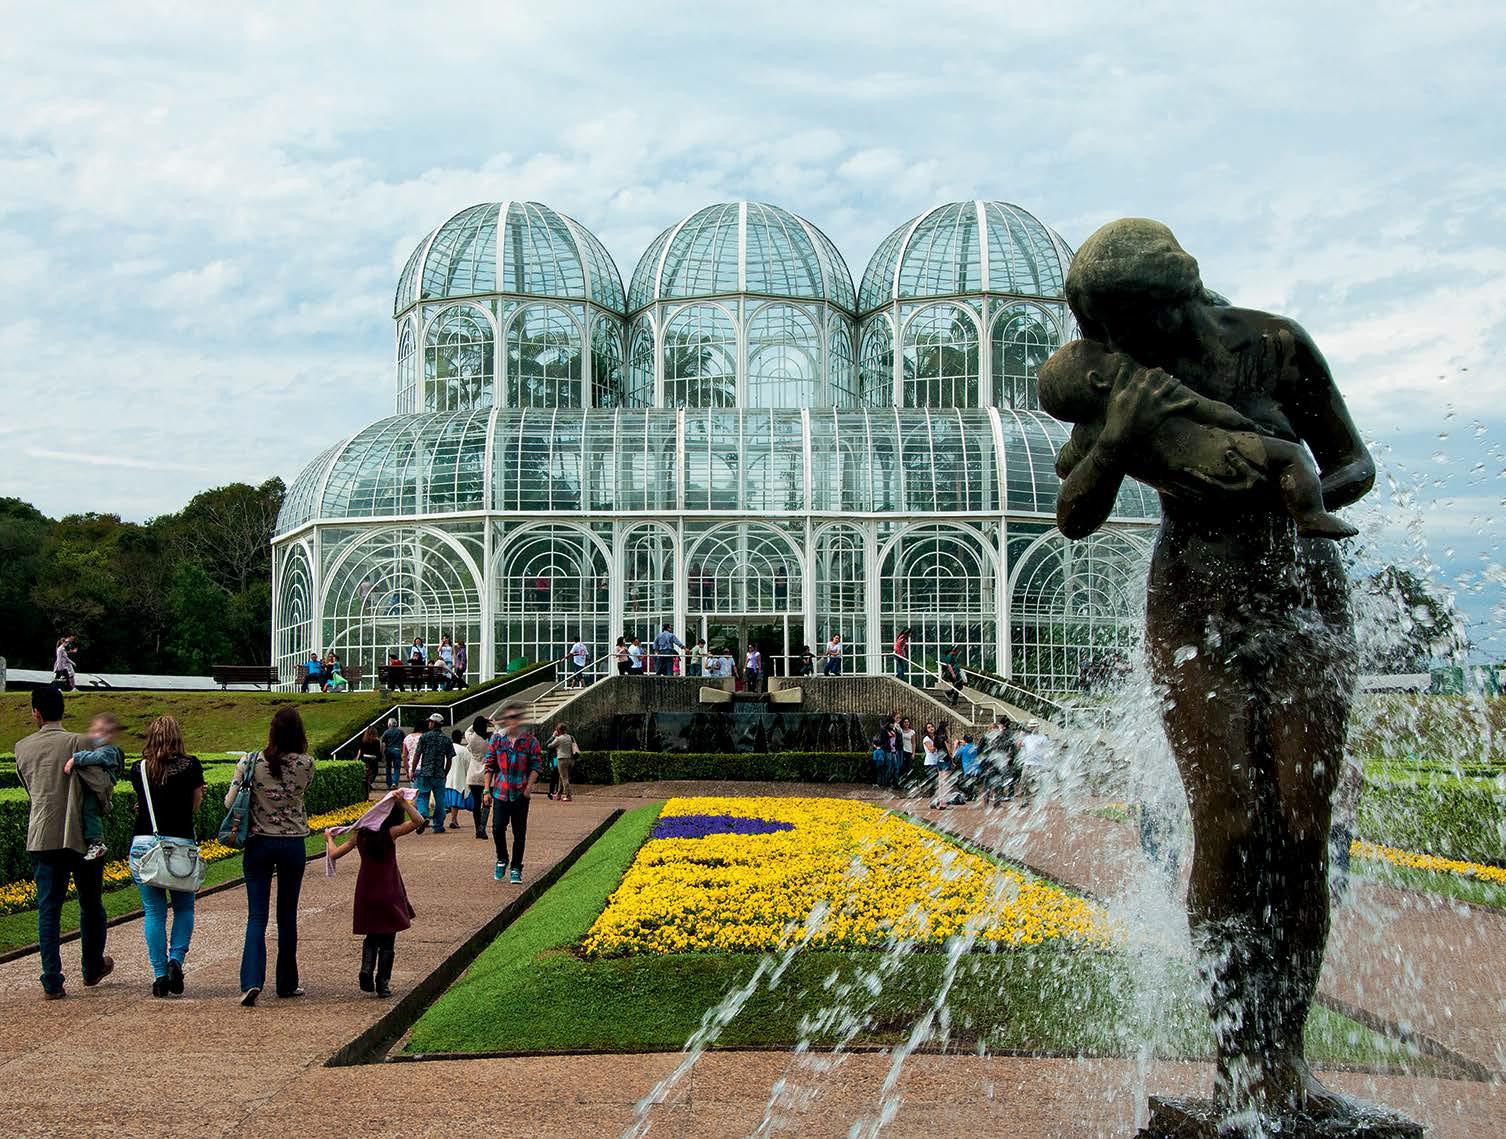 """Data da foto: 08/2012 Escultura M""""e na fonte, e a estufa de vidro, ao fundo, no Jardim Bot'nico """"Francisca Maria Garfunkel Richbieter""""."""